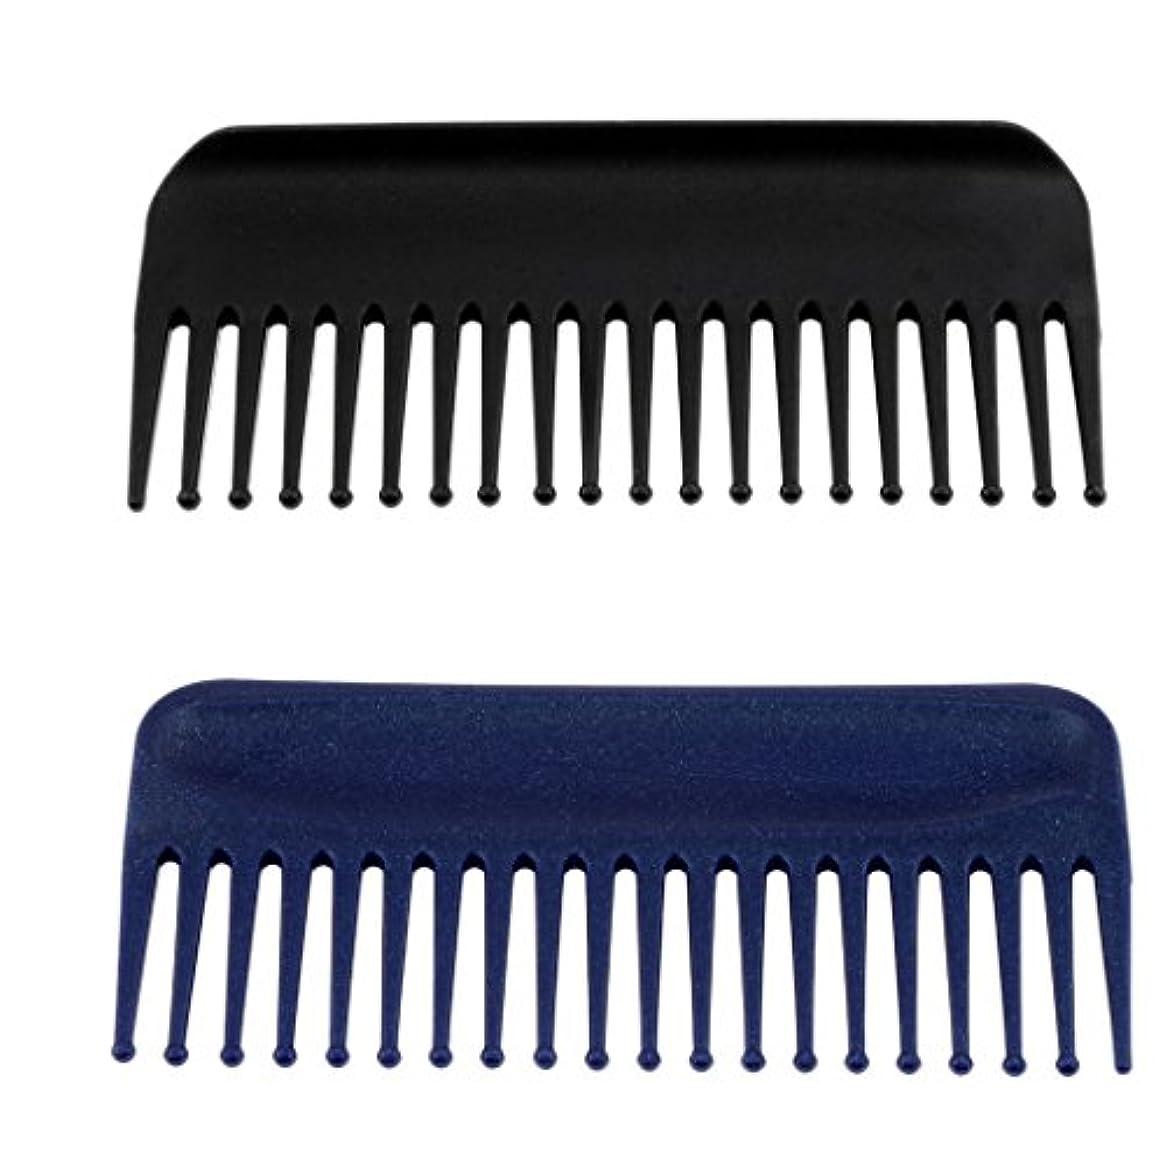 階層敬の念るヘアコーム くし 櫛 ヘアブラシ 頭皮マッサージ ヘアケア 高品質 静電気防止 プラスチック製 2個